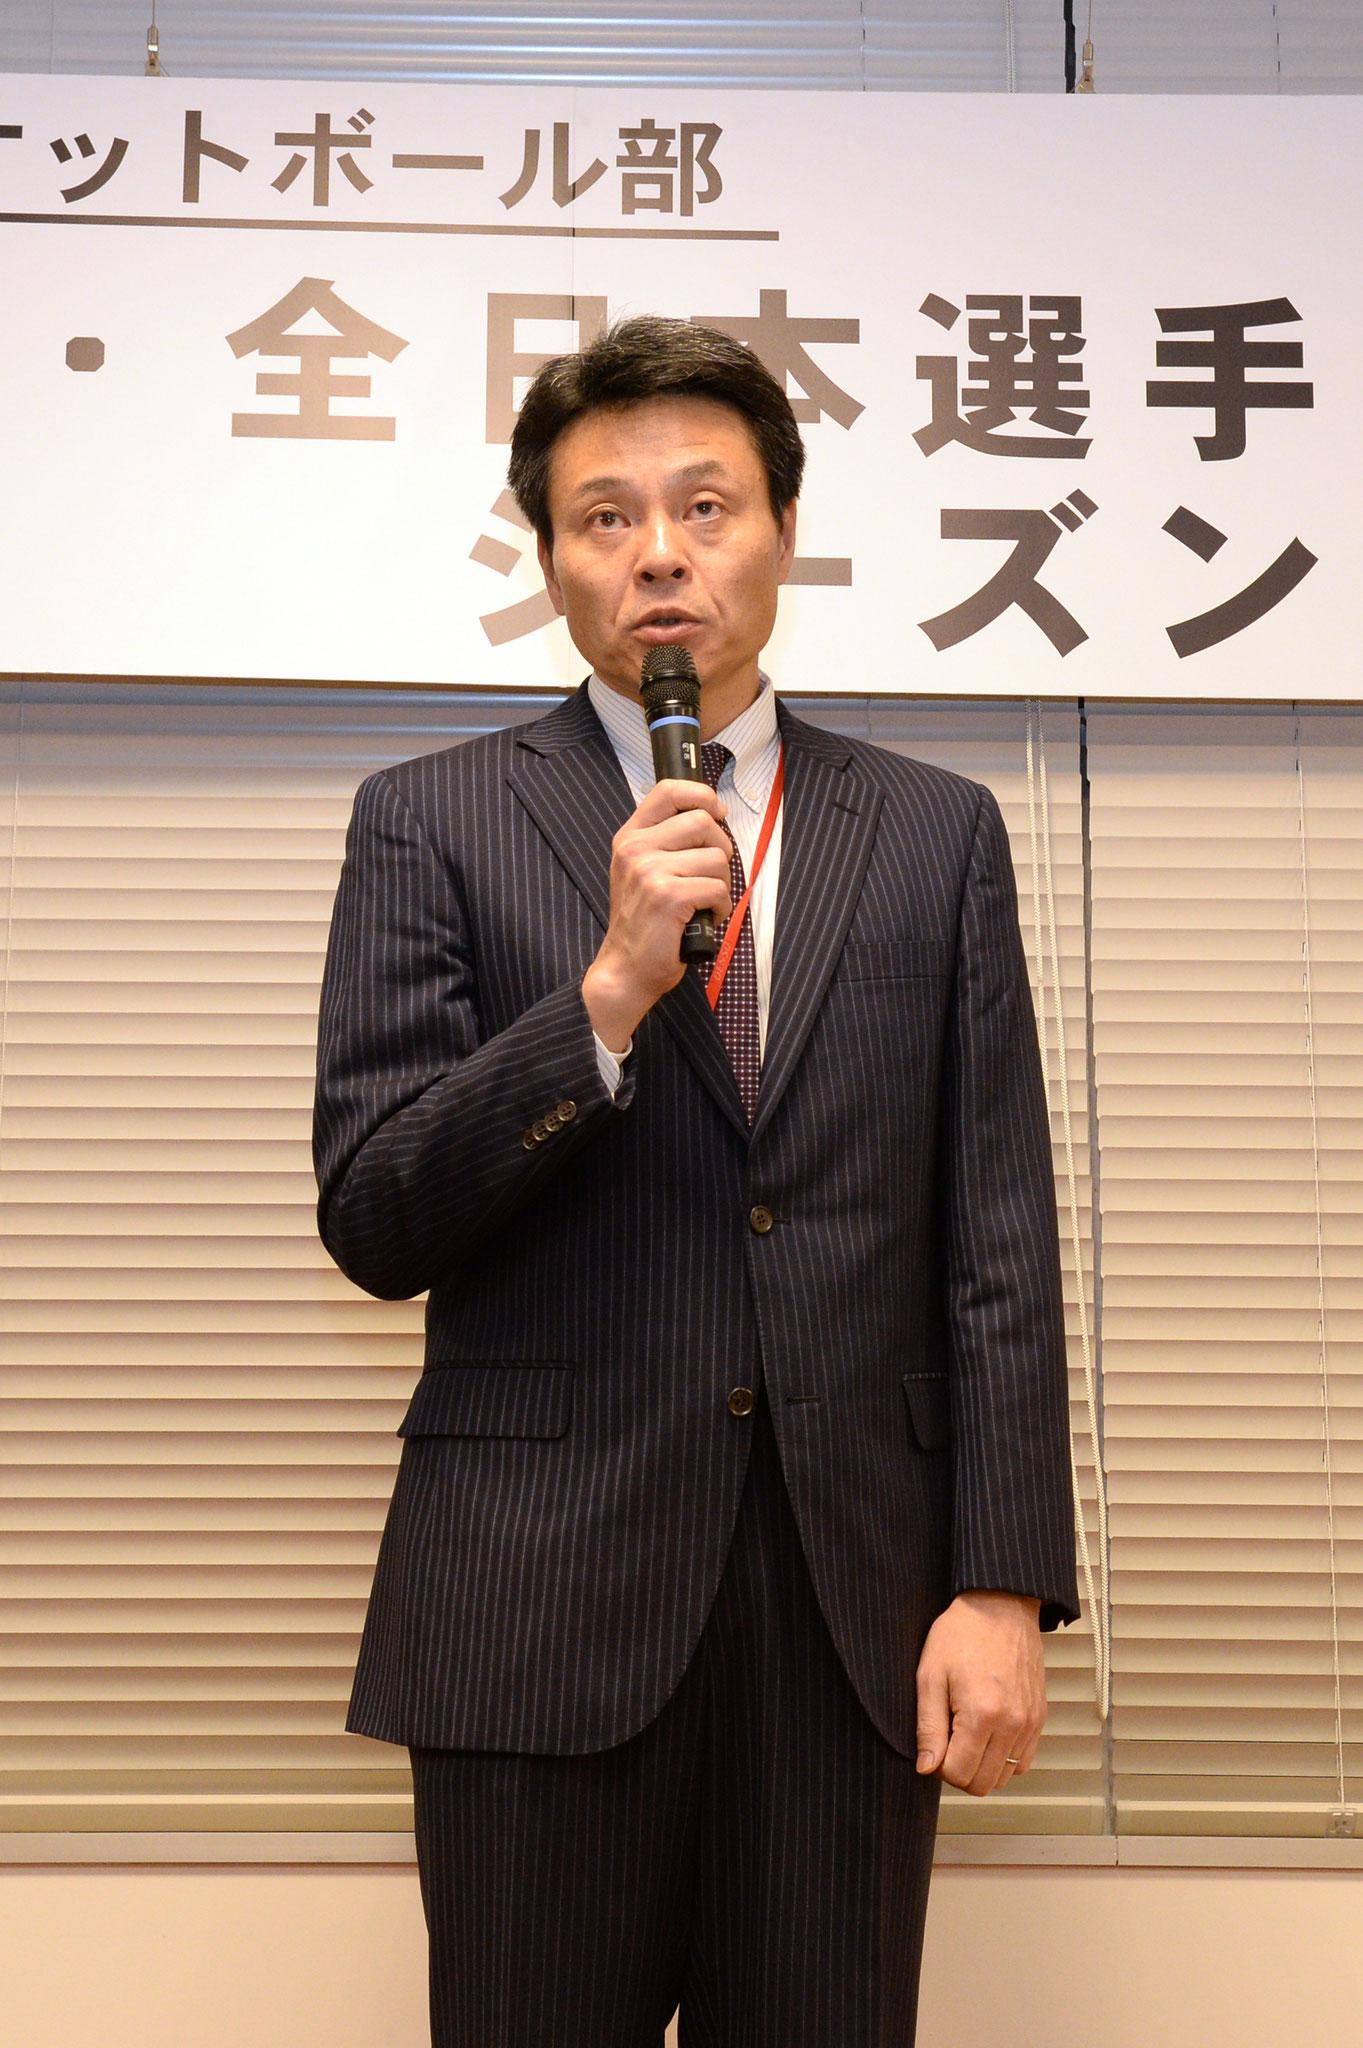 シーズン活動報告(小嶋ヘッドコーチ)